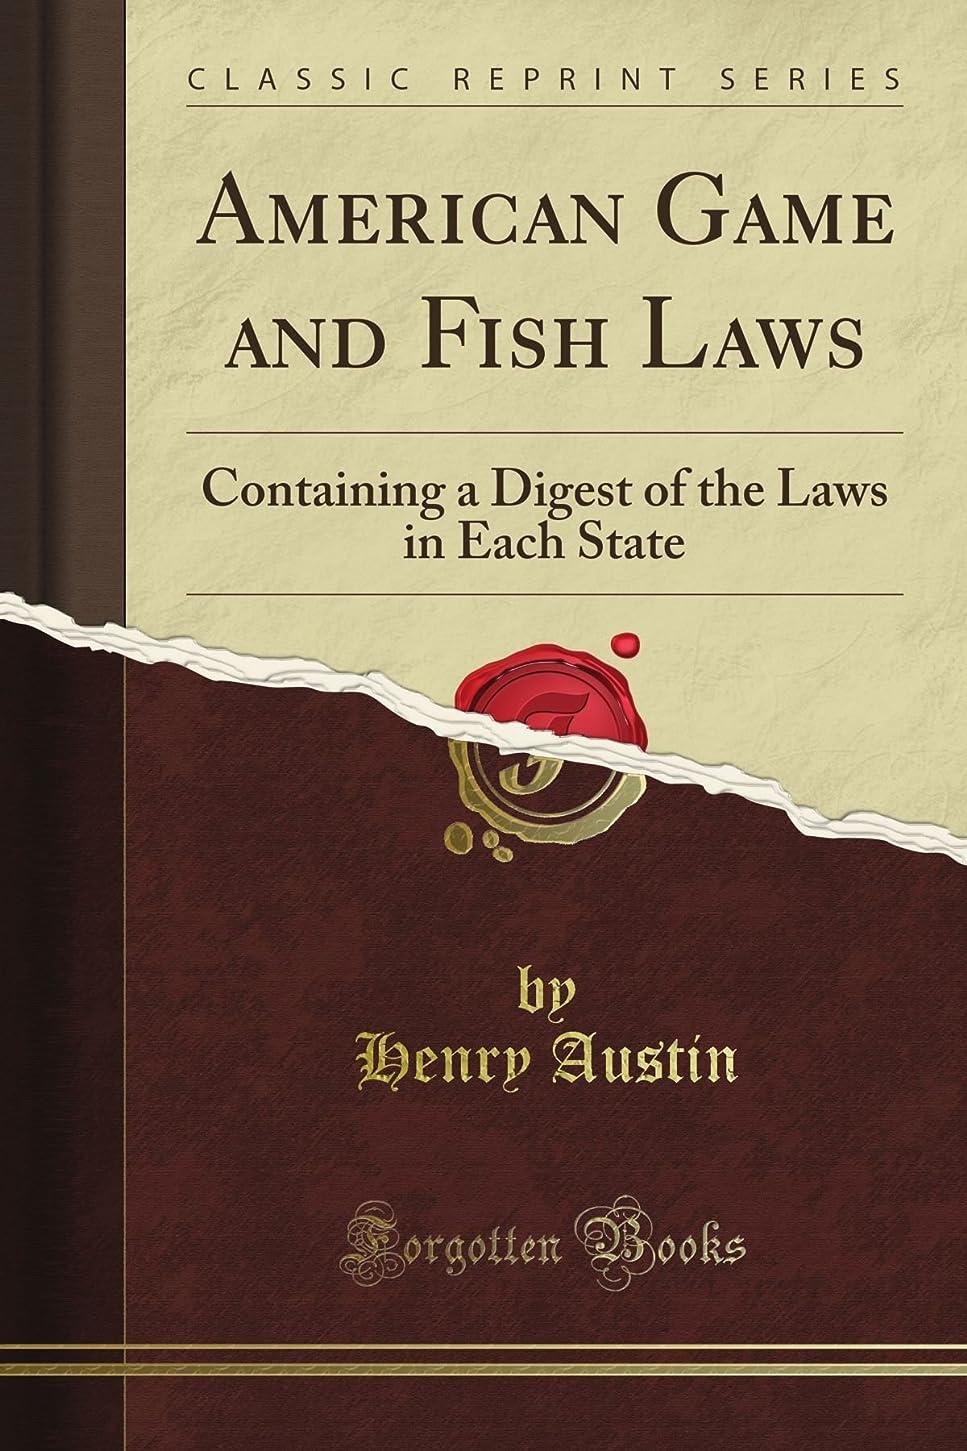 水差しクリークパテAmerican Game and Fish Laws: Containing a Digest of the Laws in Each State (Classic Reprint)